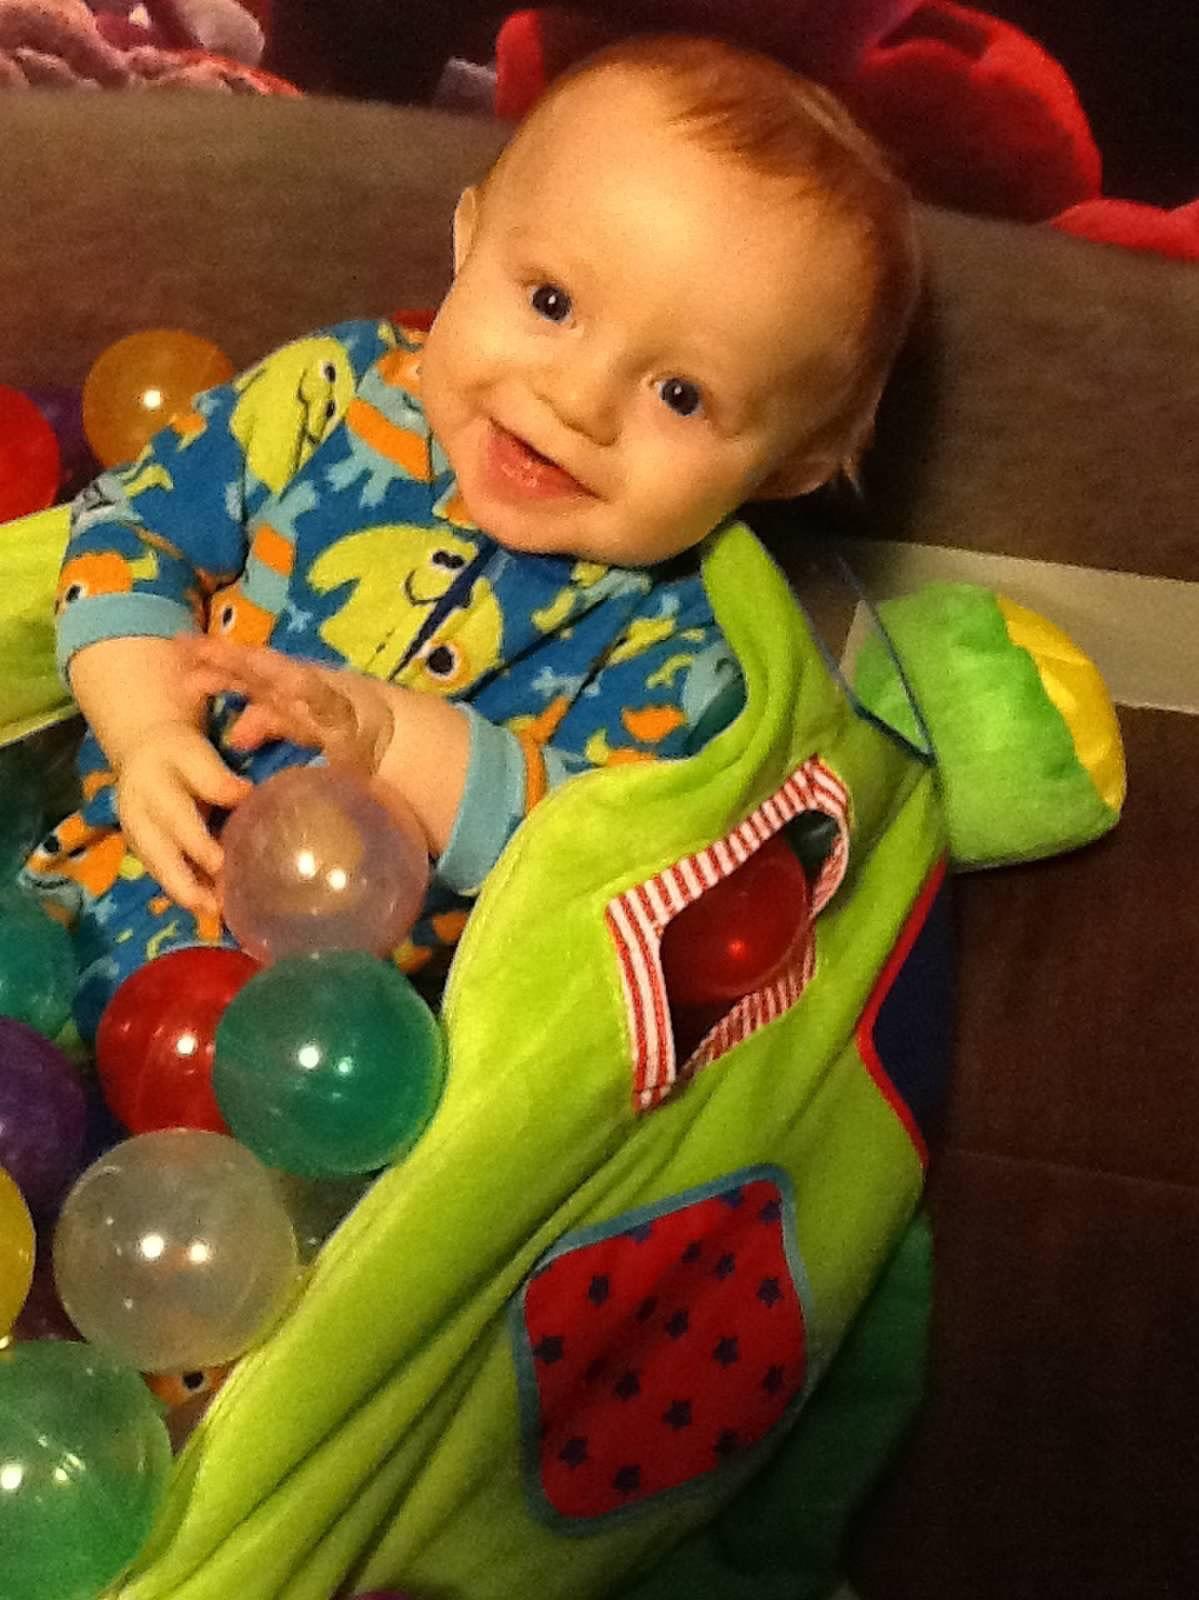 cutest newborn of 2014 entries | | dailyitem